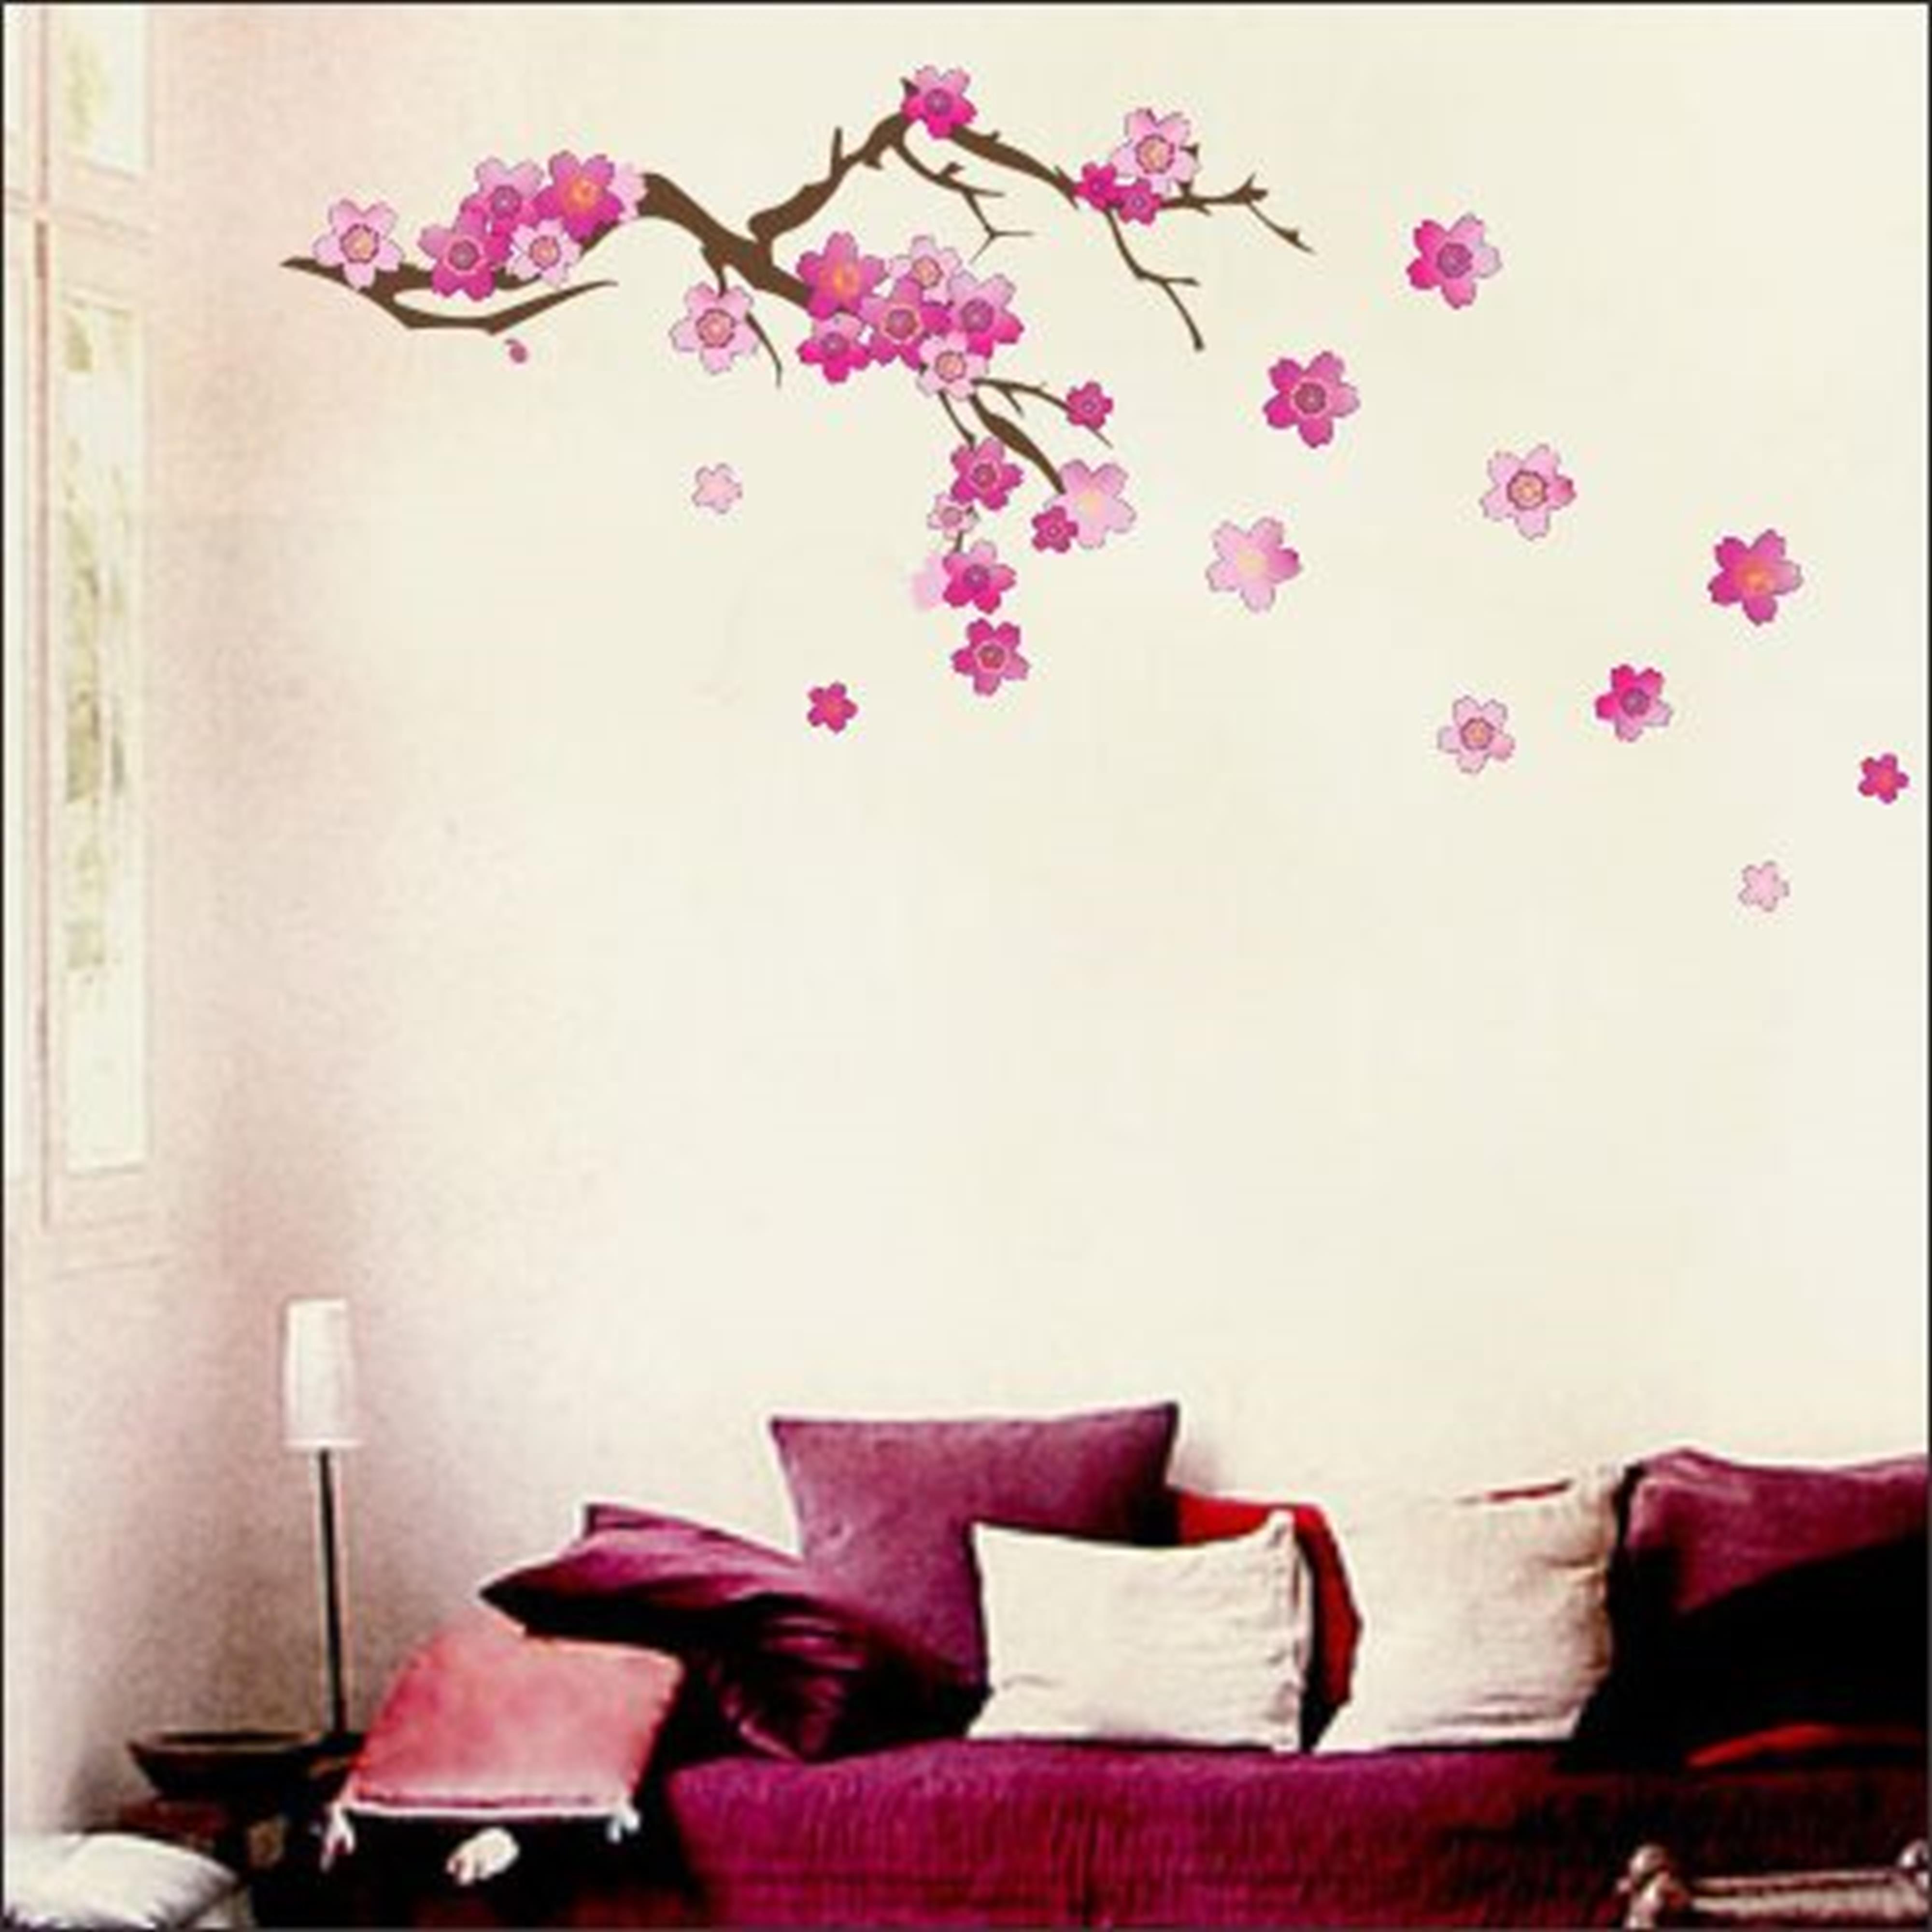 Adesivo Parede Flores De Cerejeira No Elo7 Artm Decora O Criativa  -> Adesivos Para Parede Sala De Tv